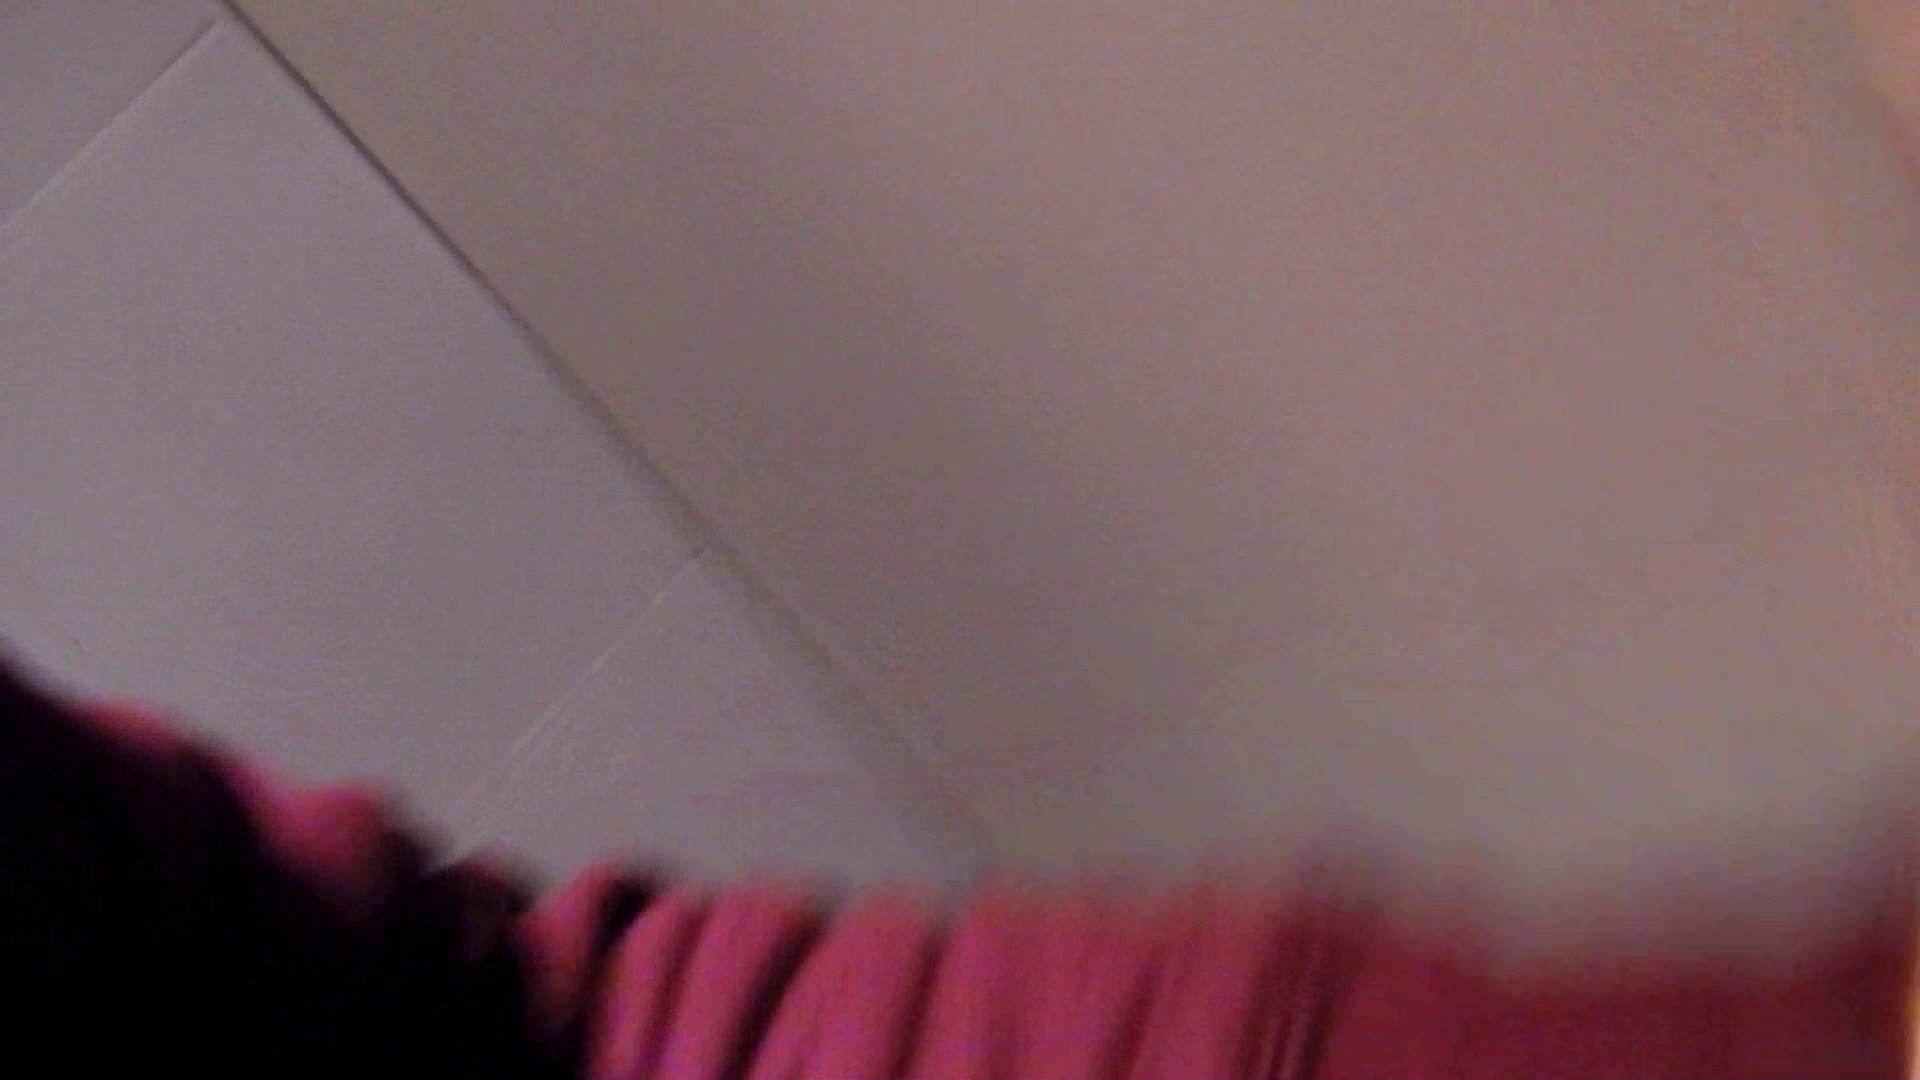 洗寿観音さんの 化粧室は四面楚歌Nol.1 洗面所  86PIX 66